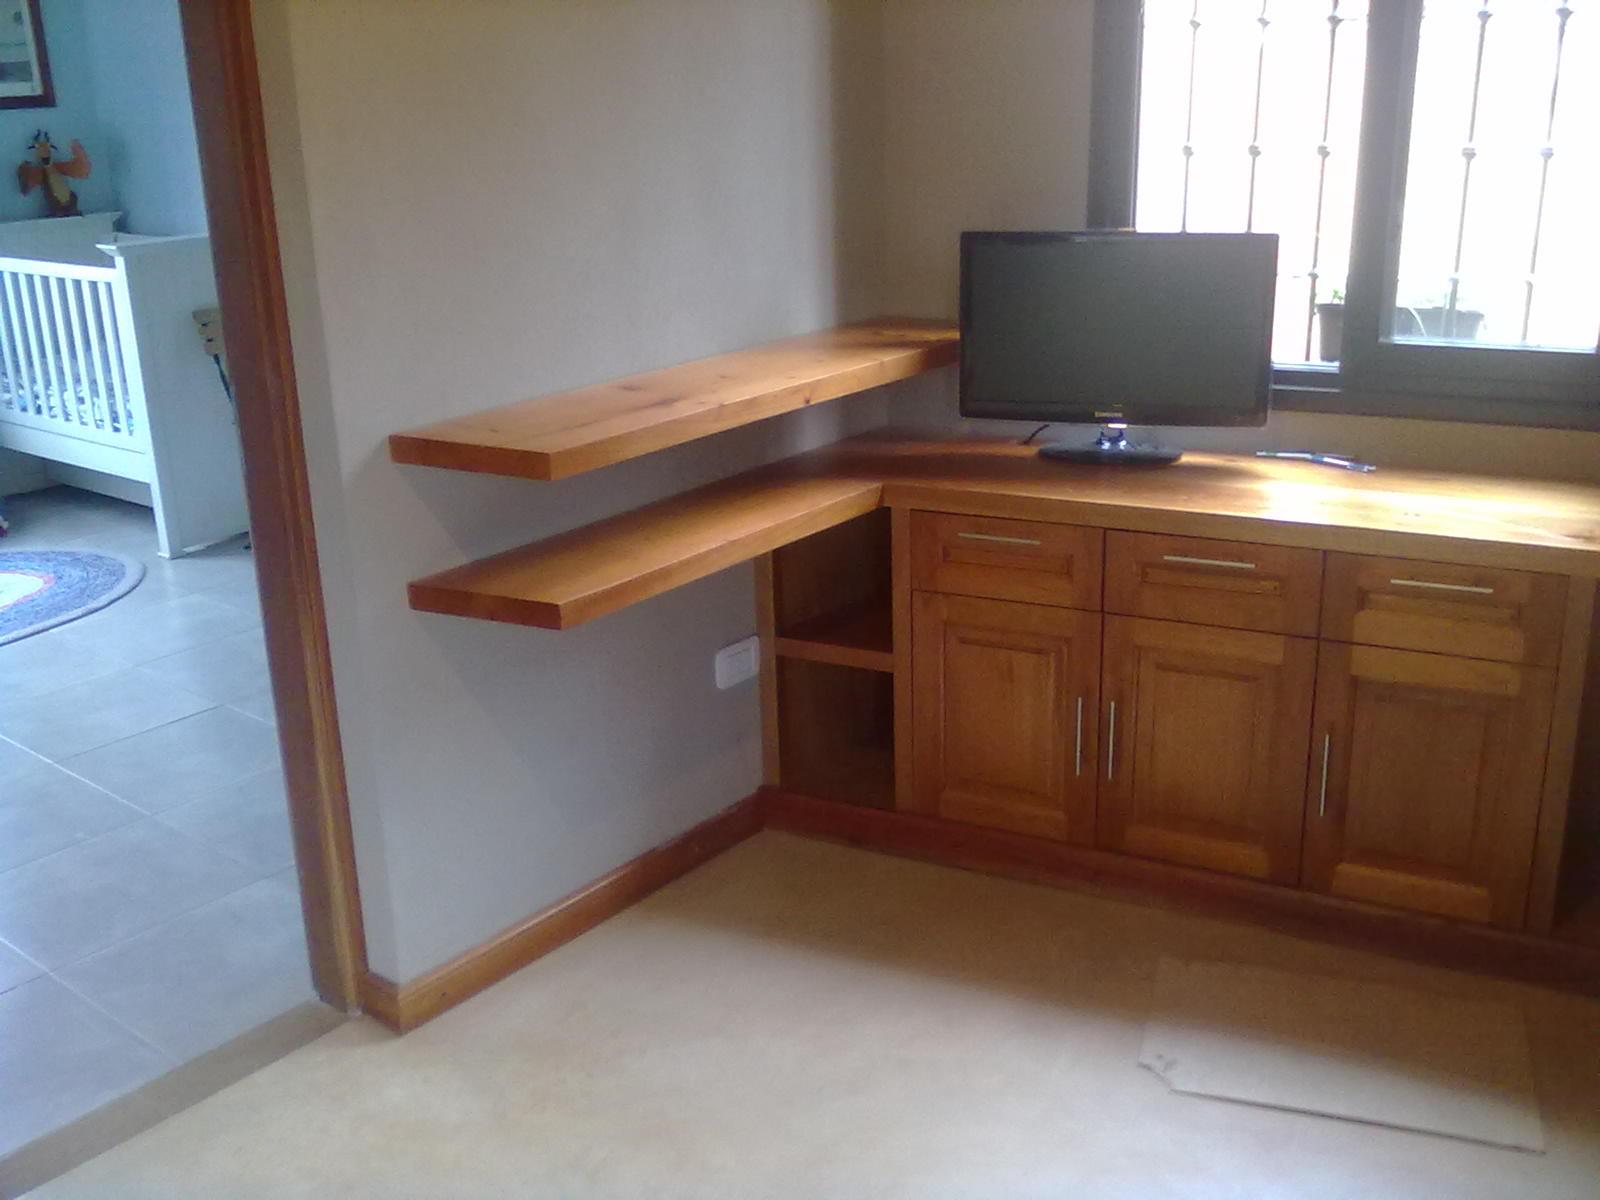 MIL ANUNCIOS COM Armarios esquineros Muebles  - fotos de muebles esquineros